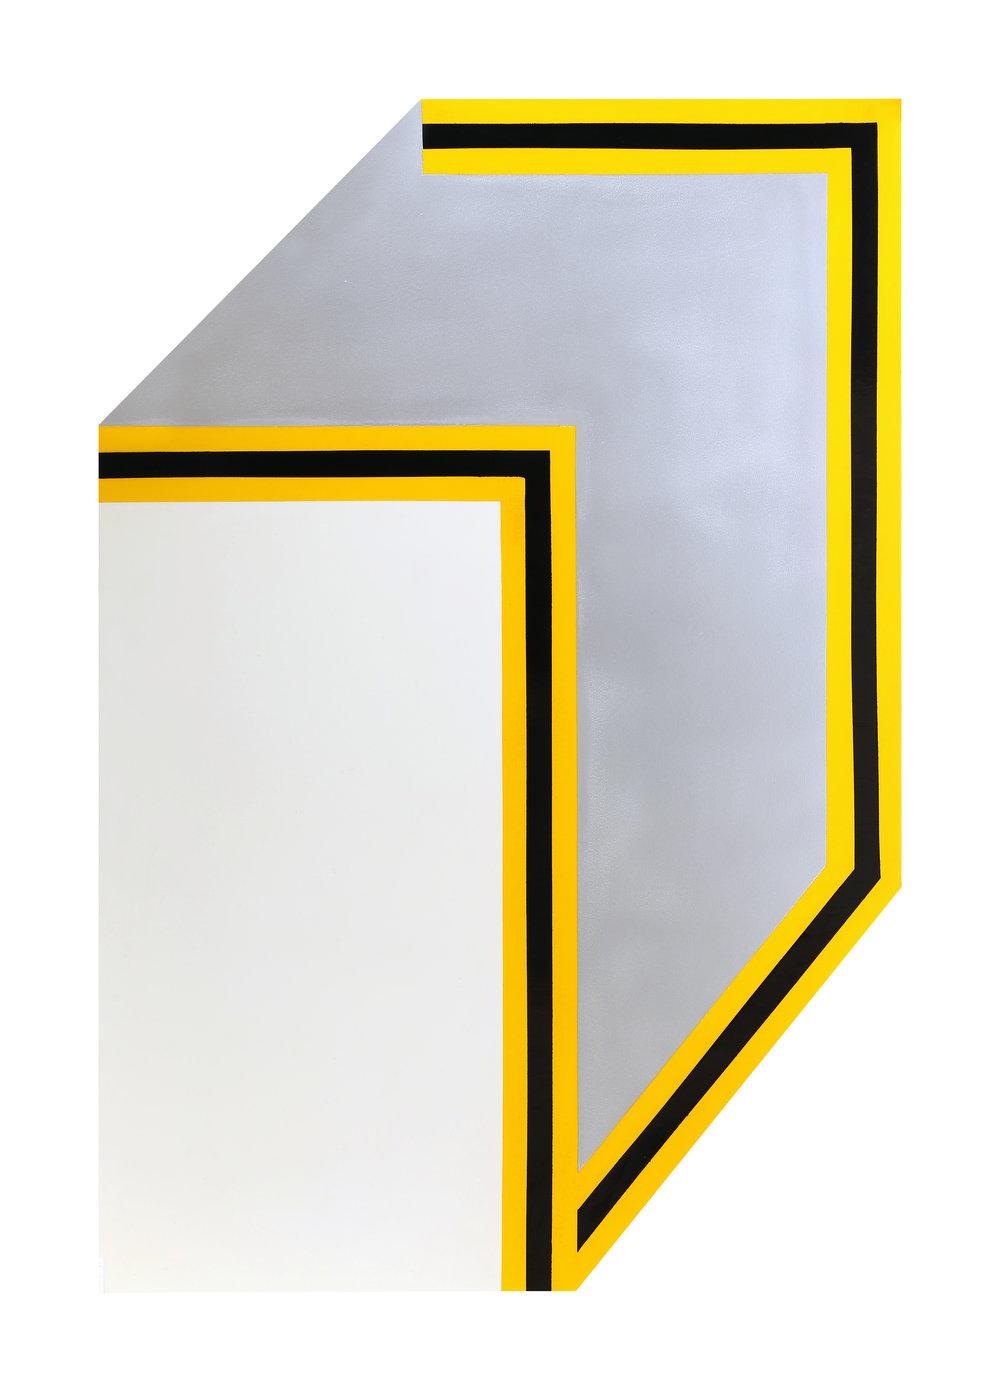 Sin título 120 x 90 cm